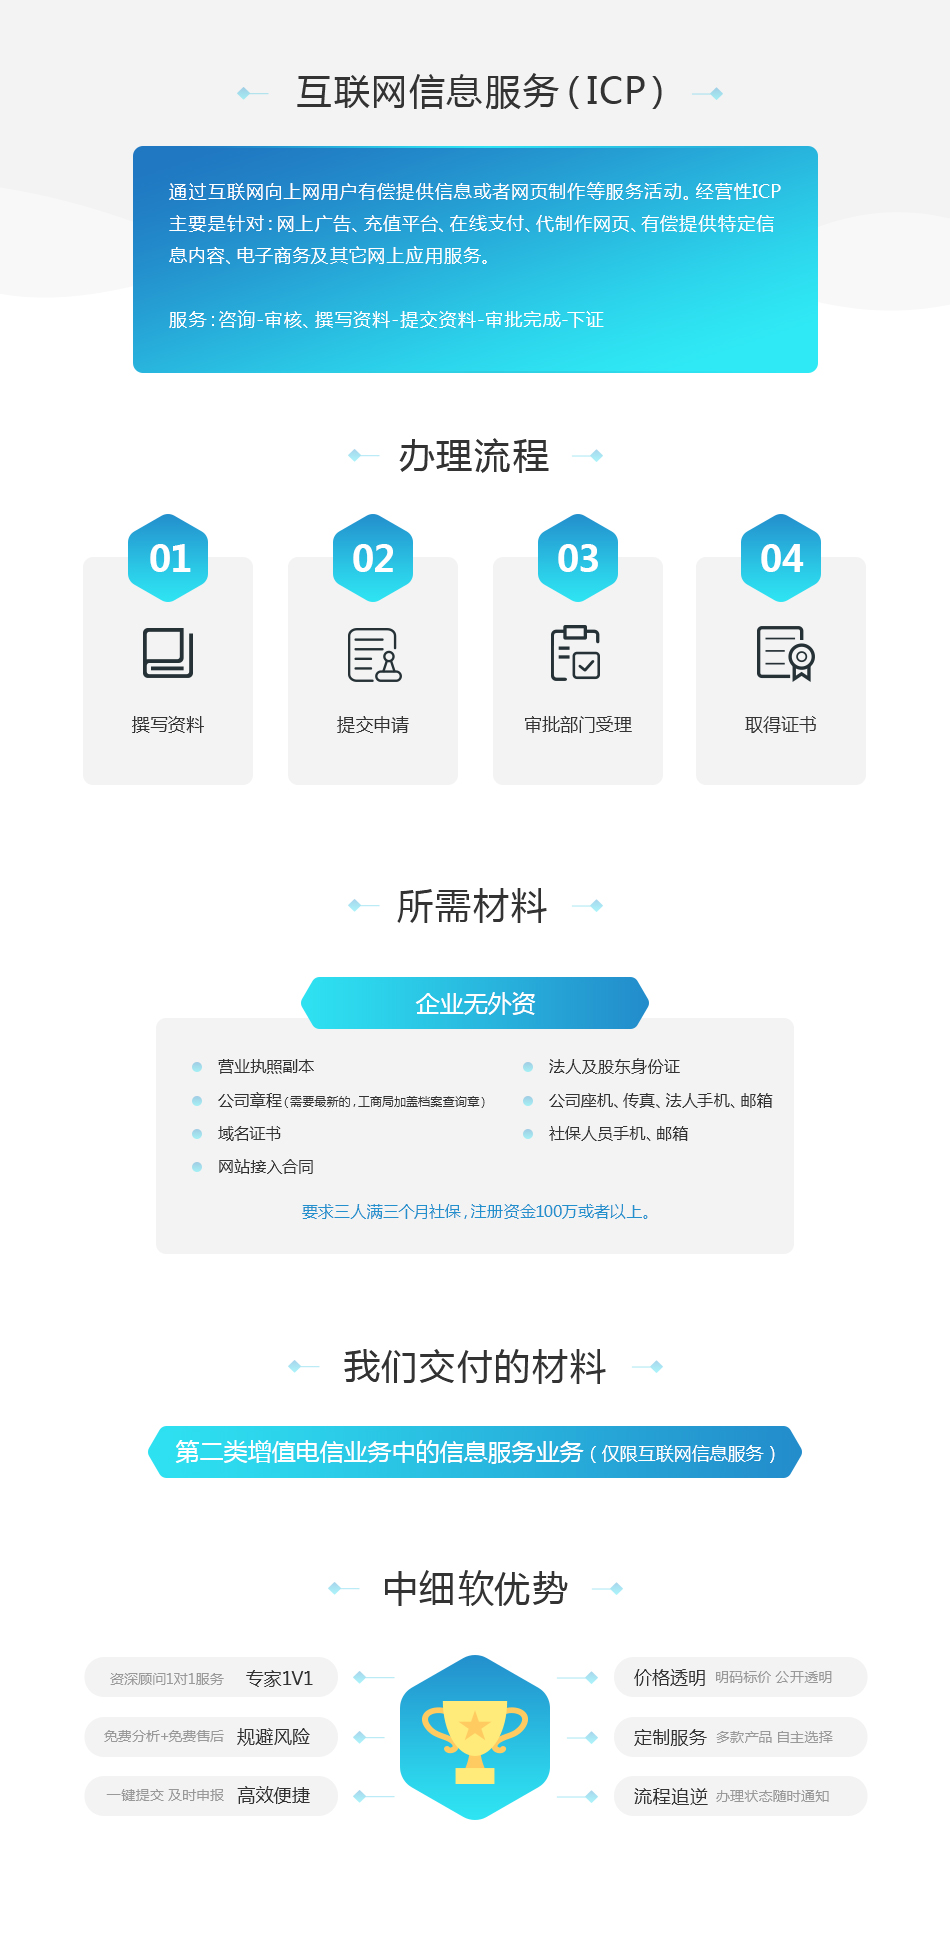 企业服务-互联网信息服务(ICP).jpg